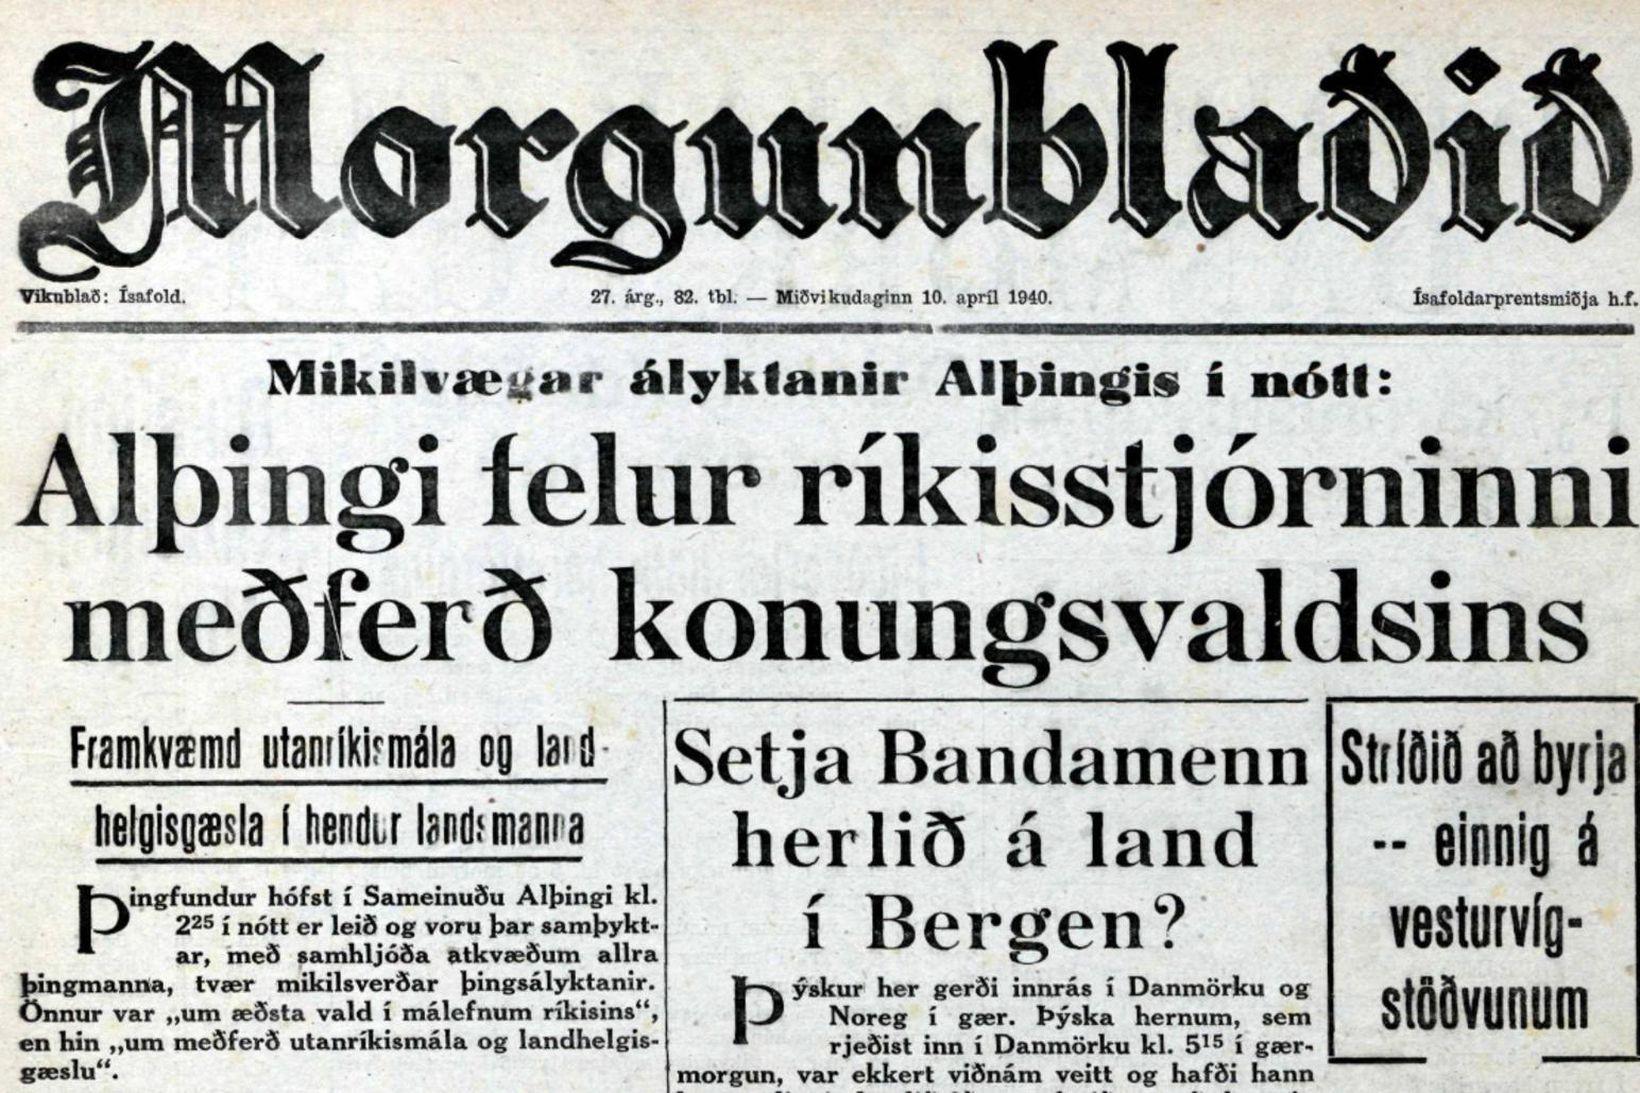 Forsíða Morgunblaðsins að morgni 10. apríl 1940.